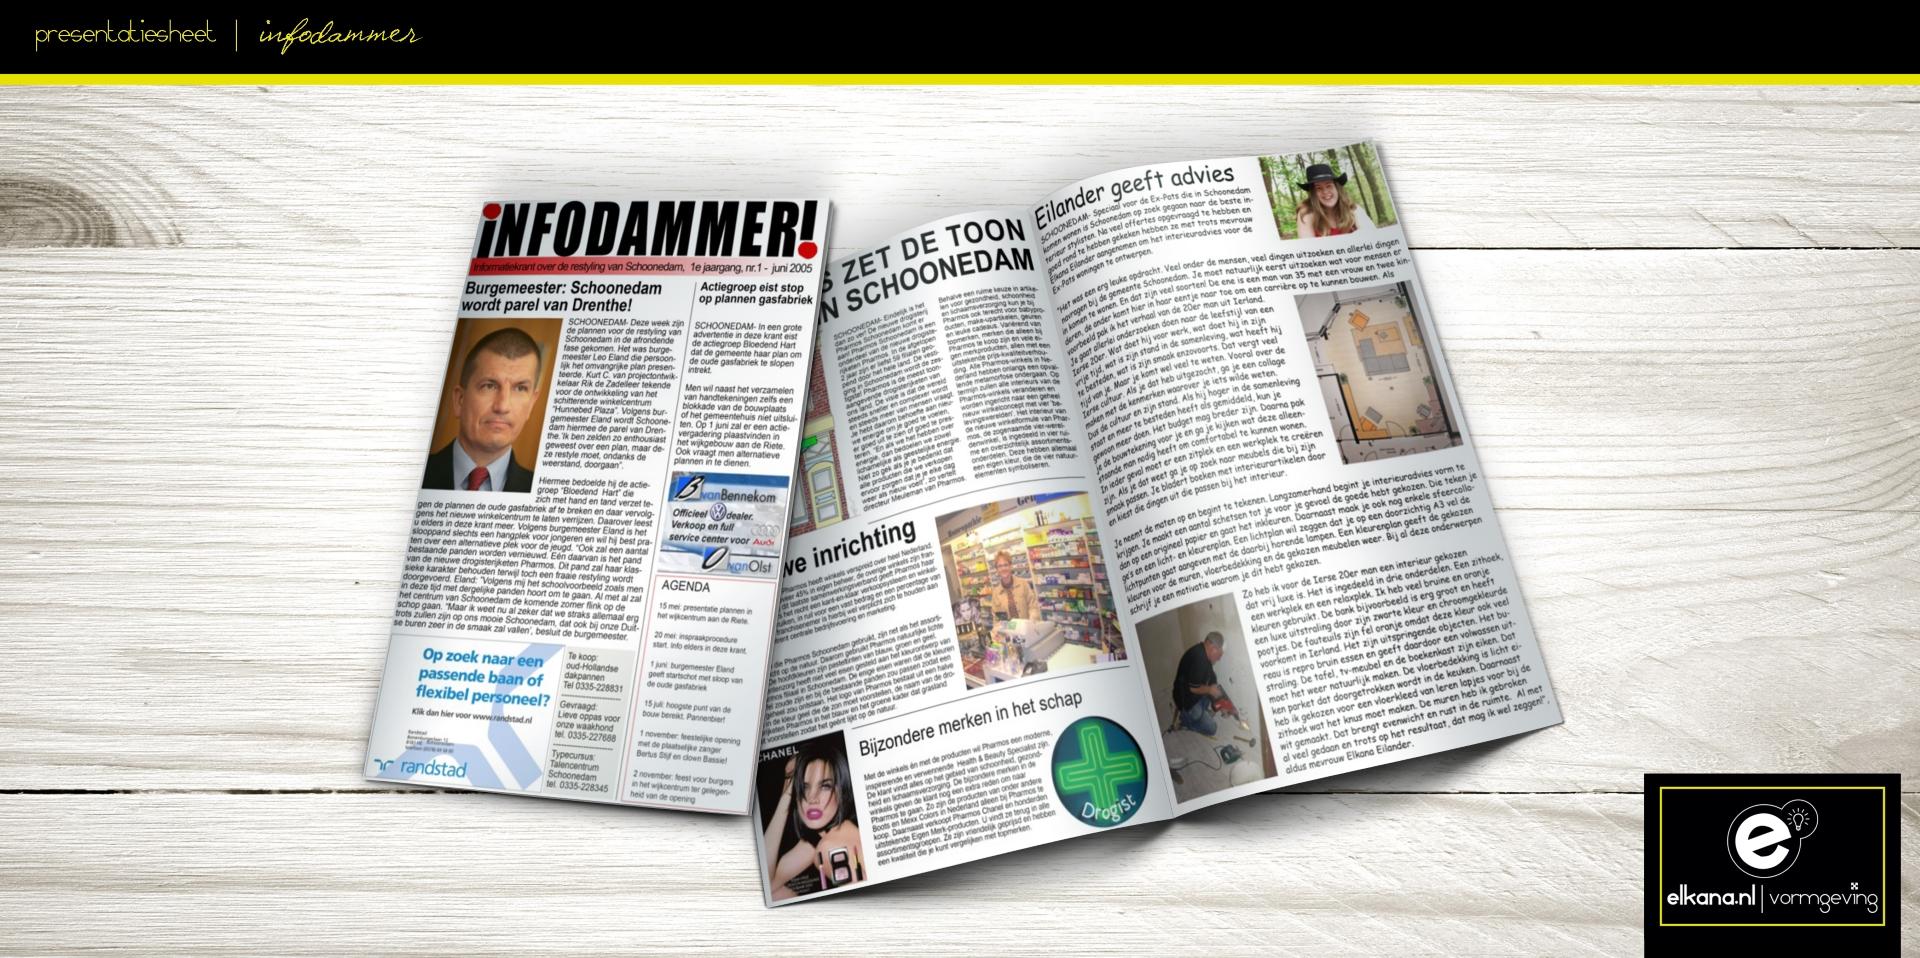 Nieuwsblad Infodammer